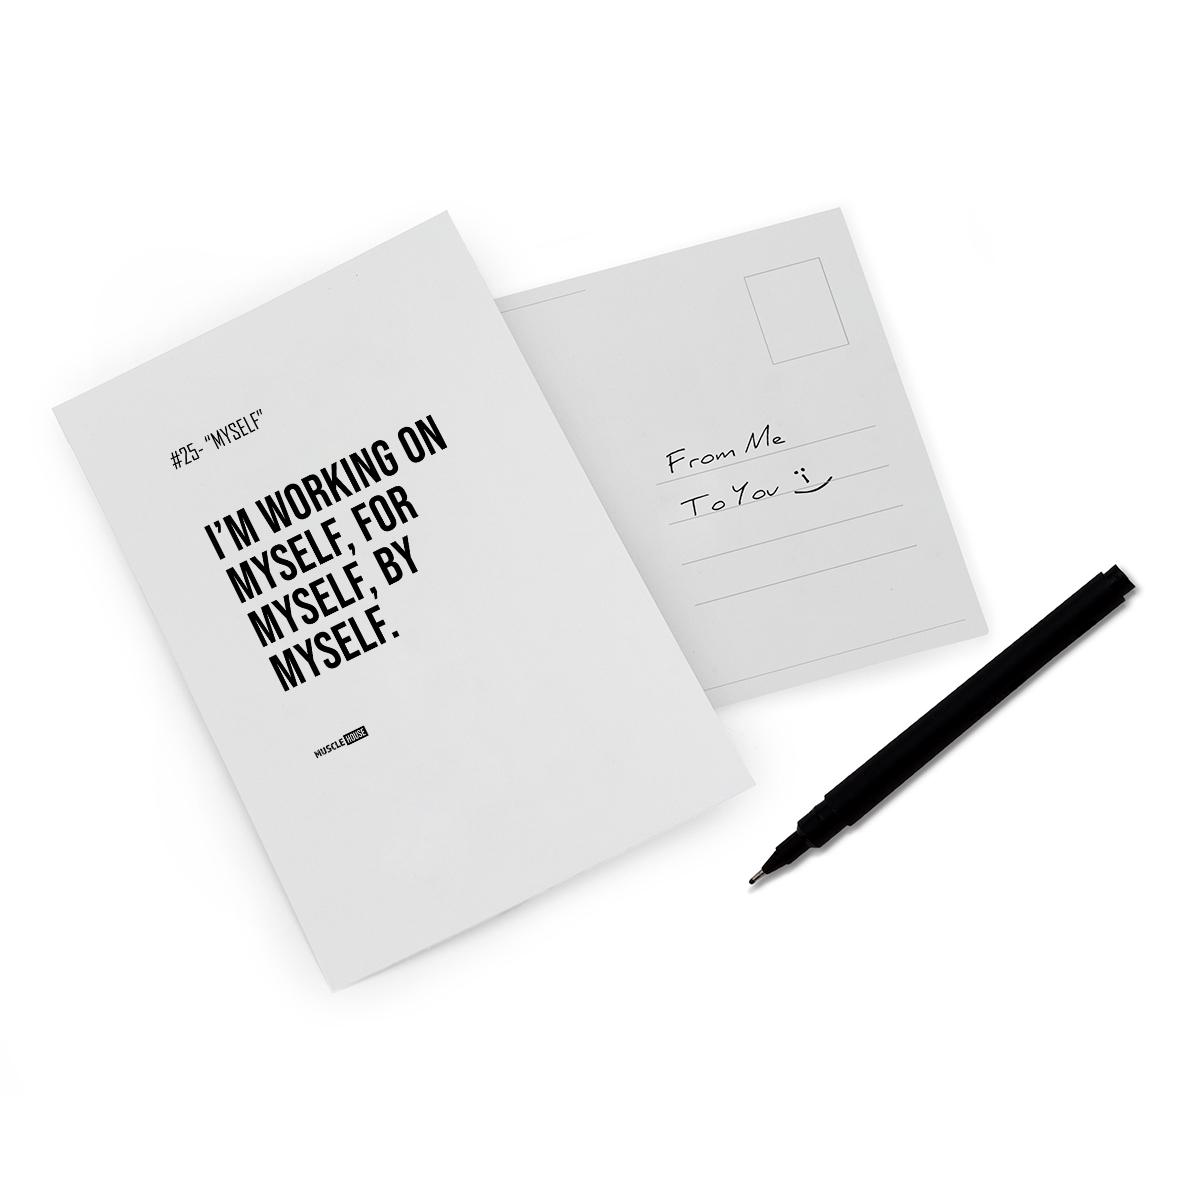 postkort_motiverende_citater_motion_træning_mig_selv